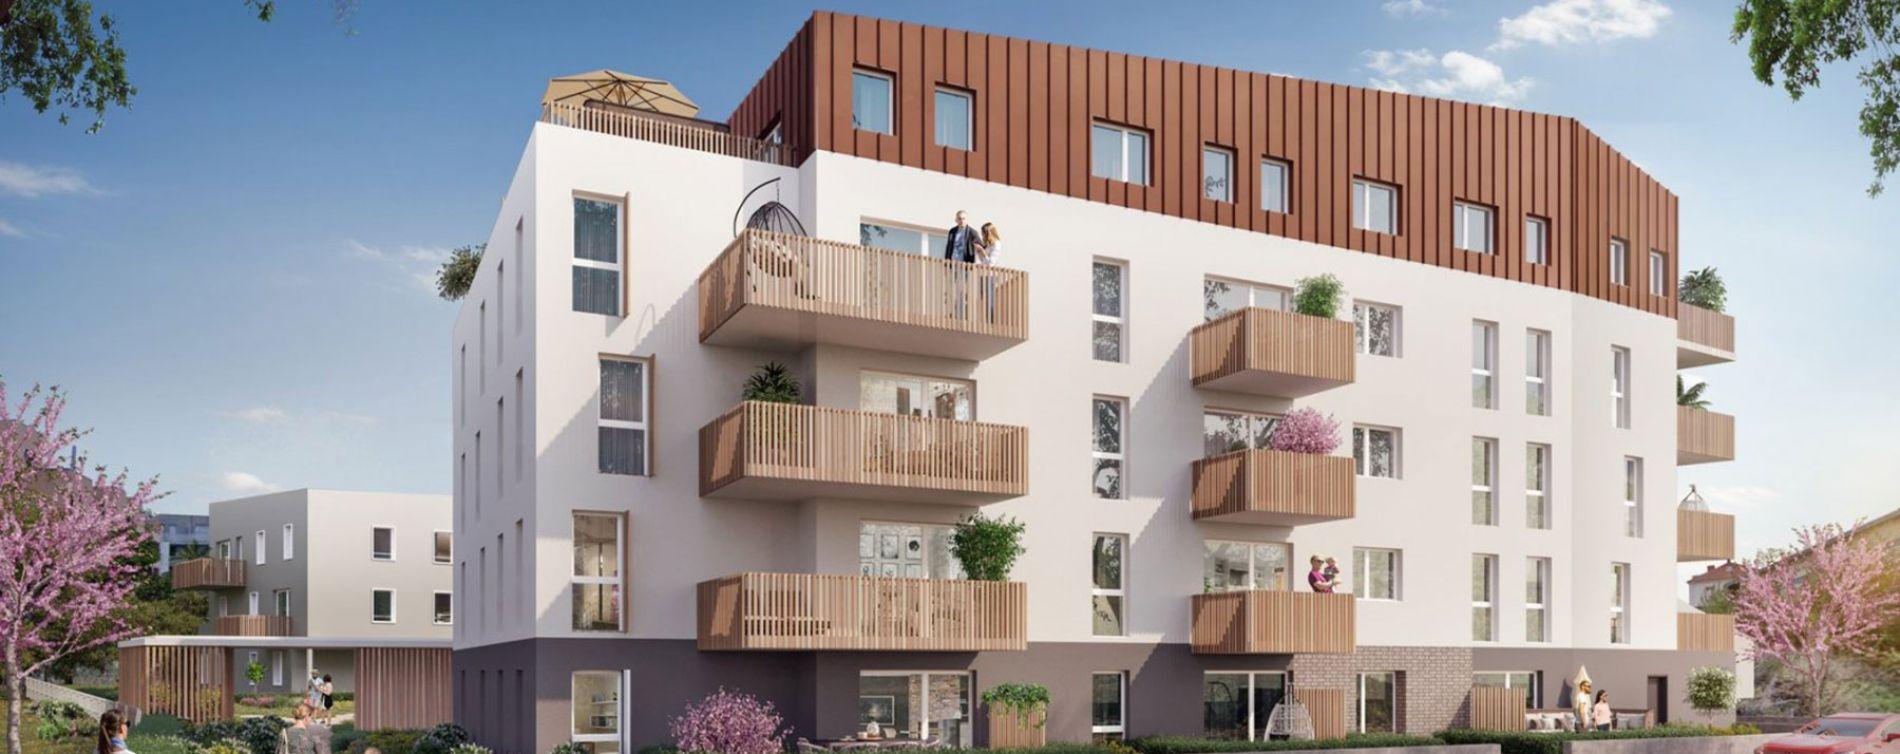 Vandœuvre-lès-Nancy : programme immobilier neuve « Cap Maria » en Loi Pinel